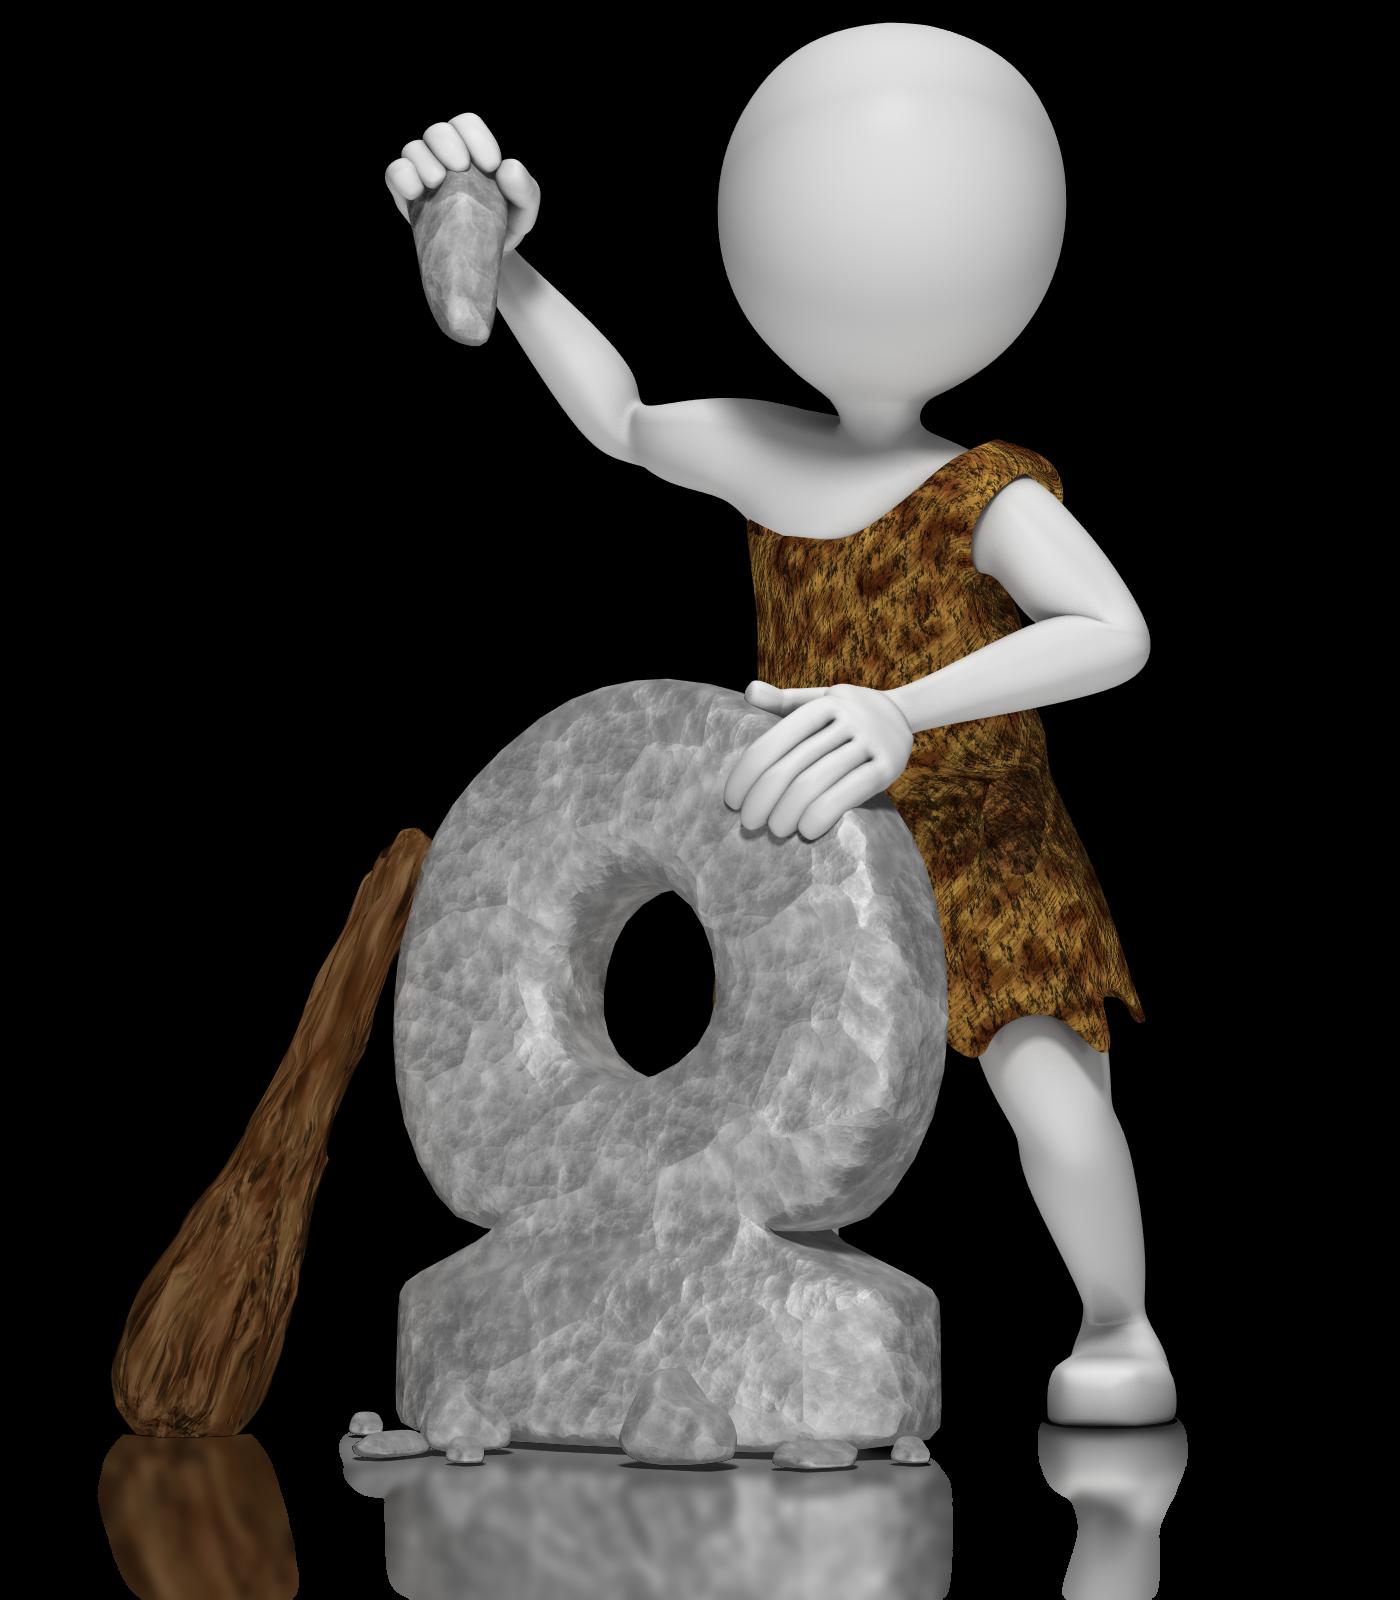 caveman_create_wheel_1600_clr_10040